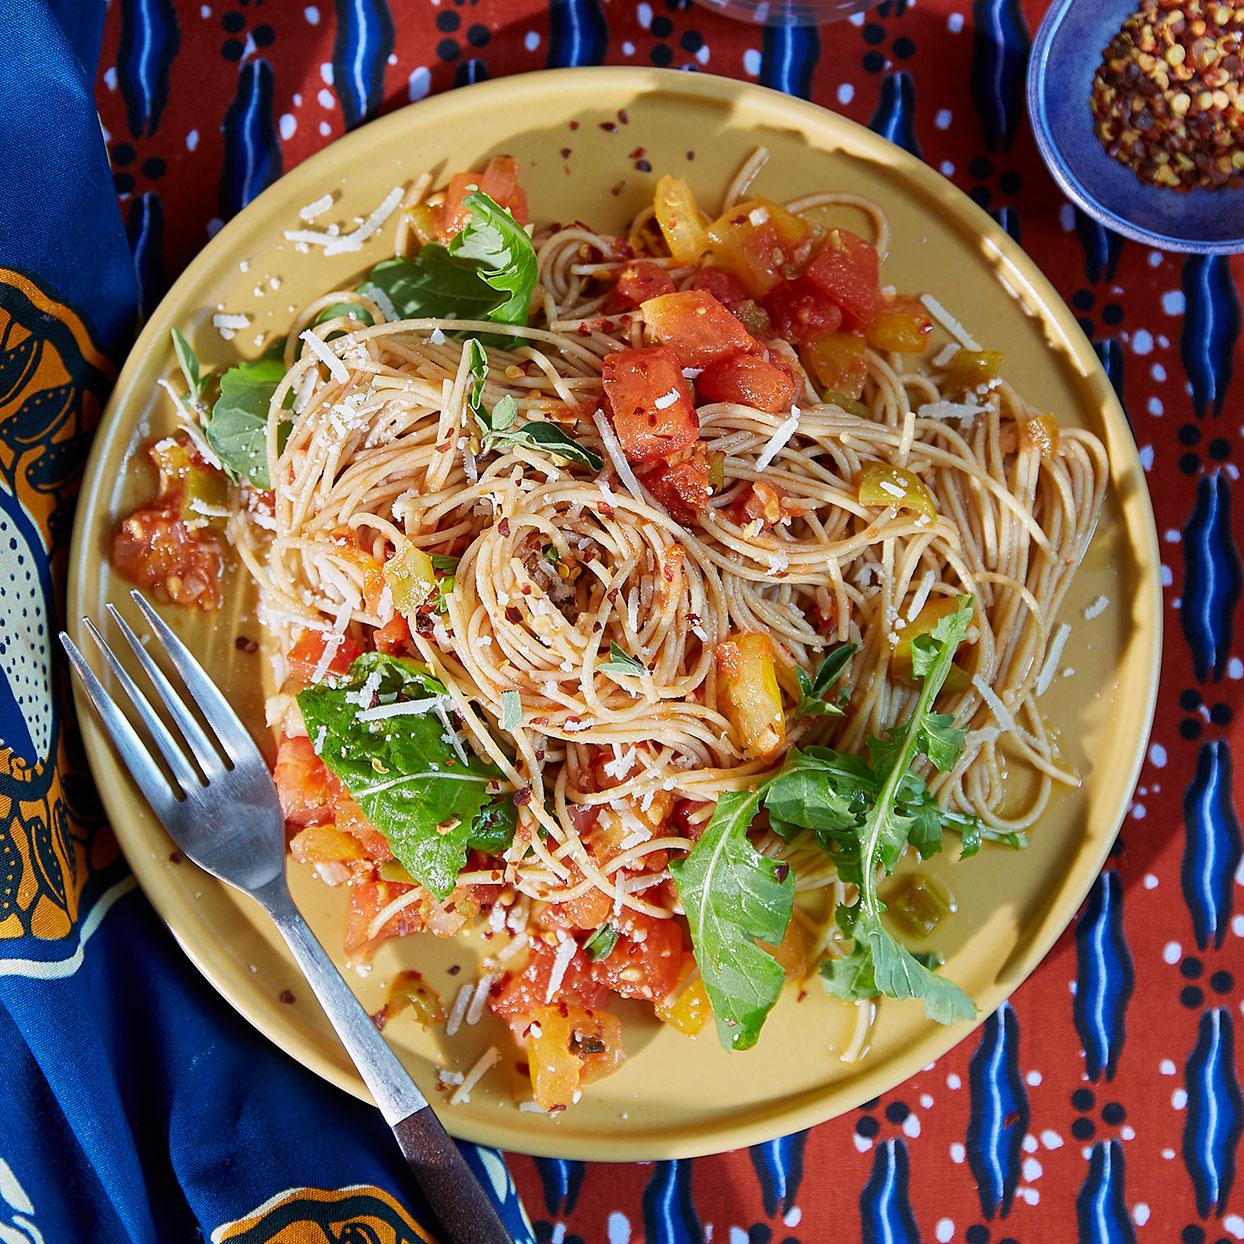 Spicy Tomato & Arugula Pasta Trusted Brands